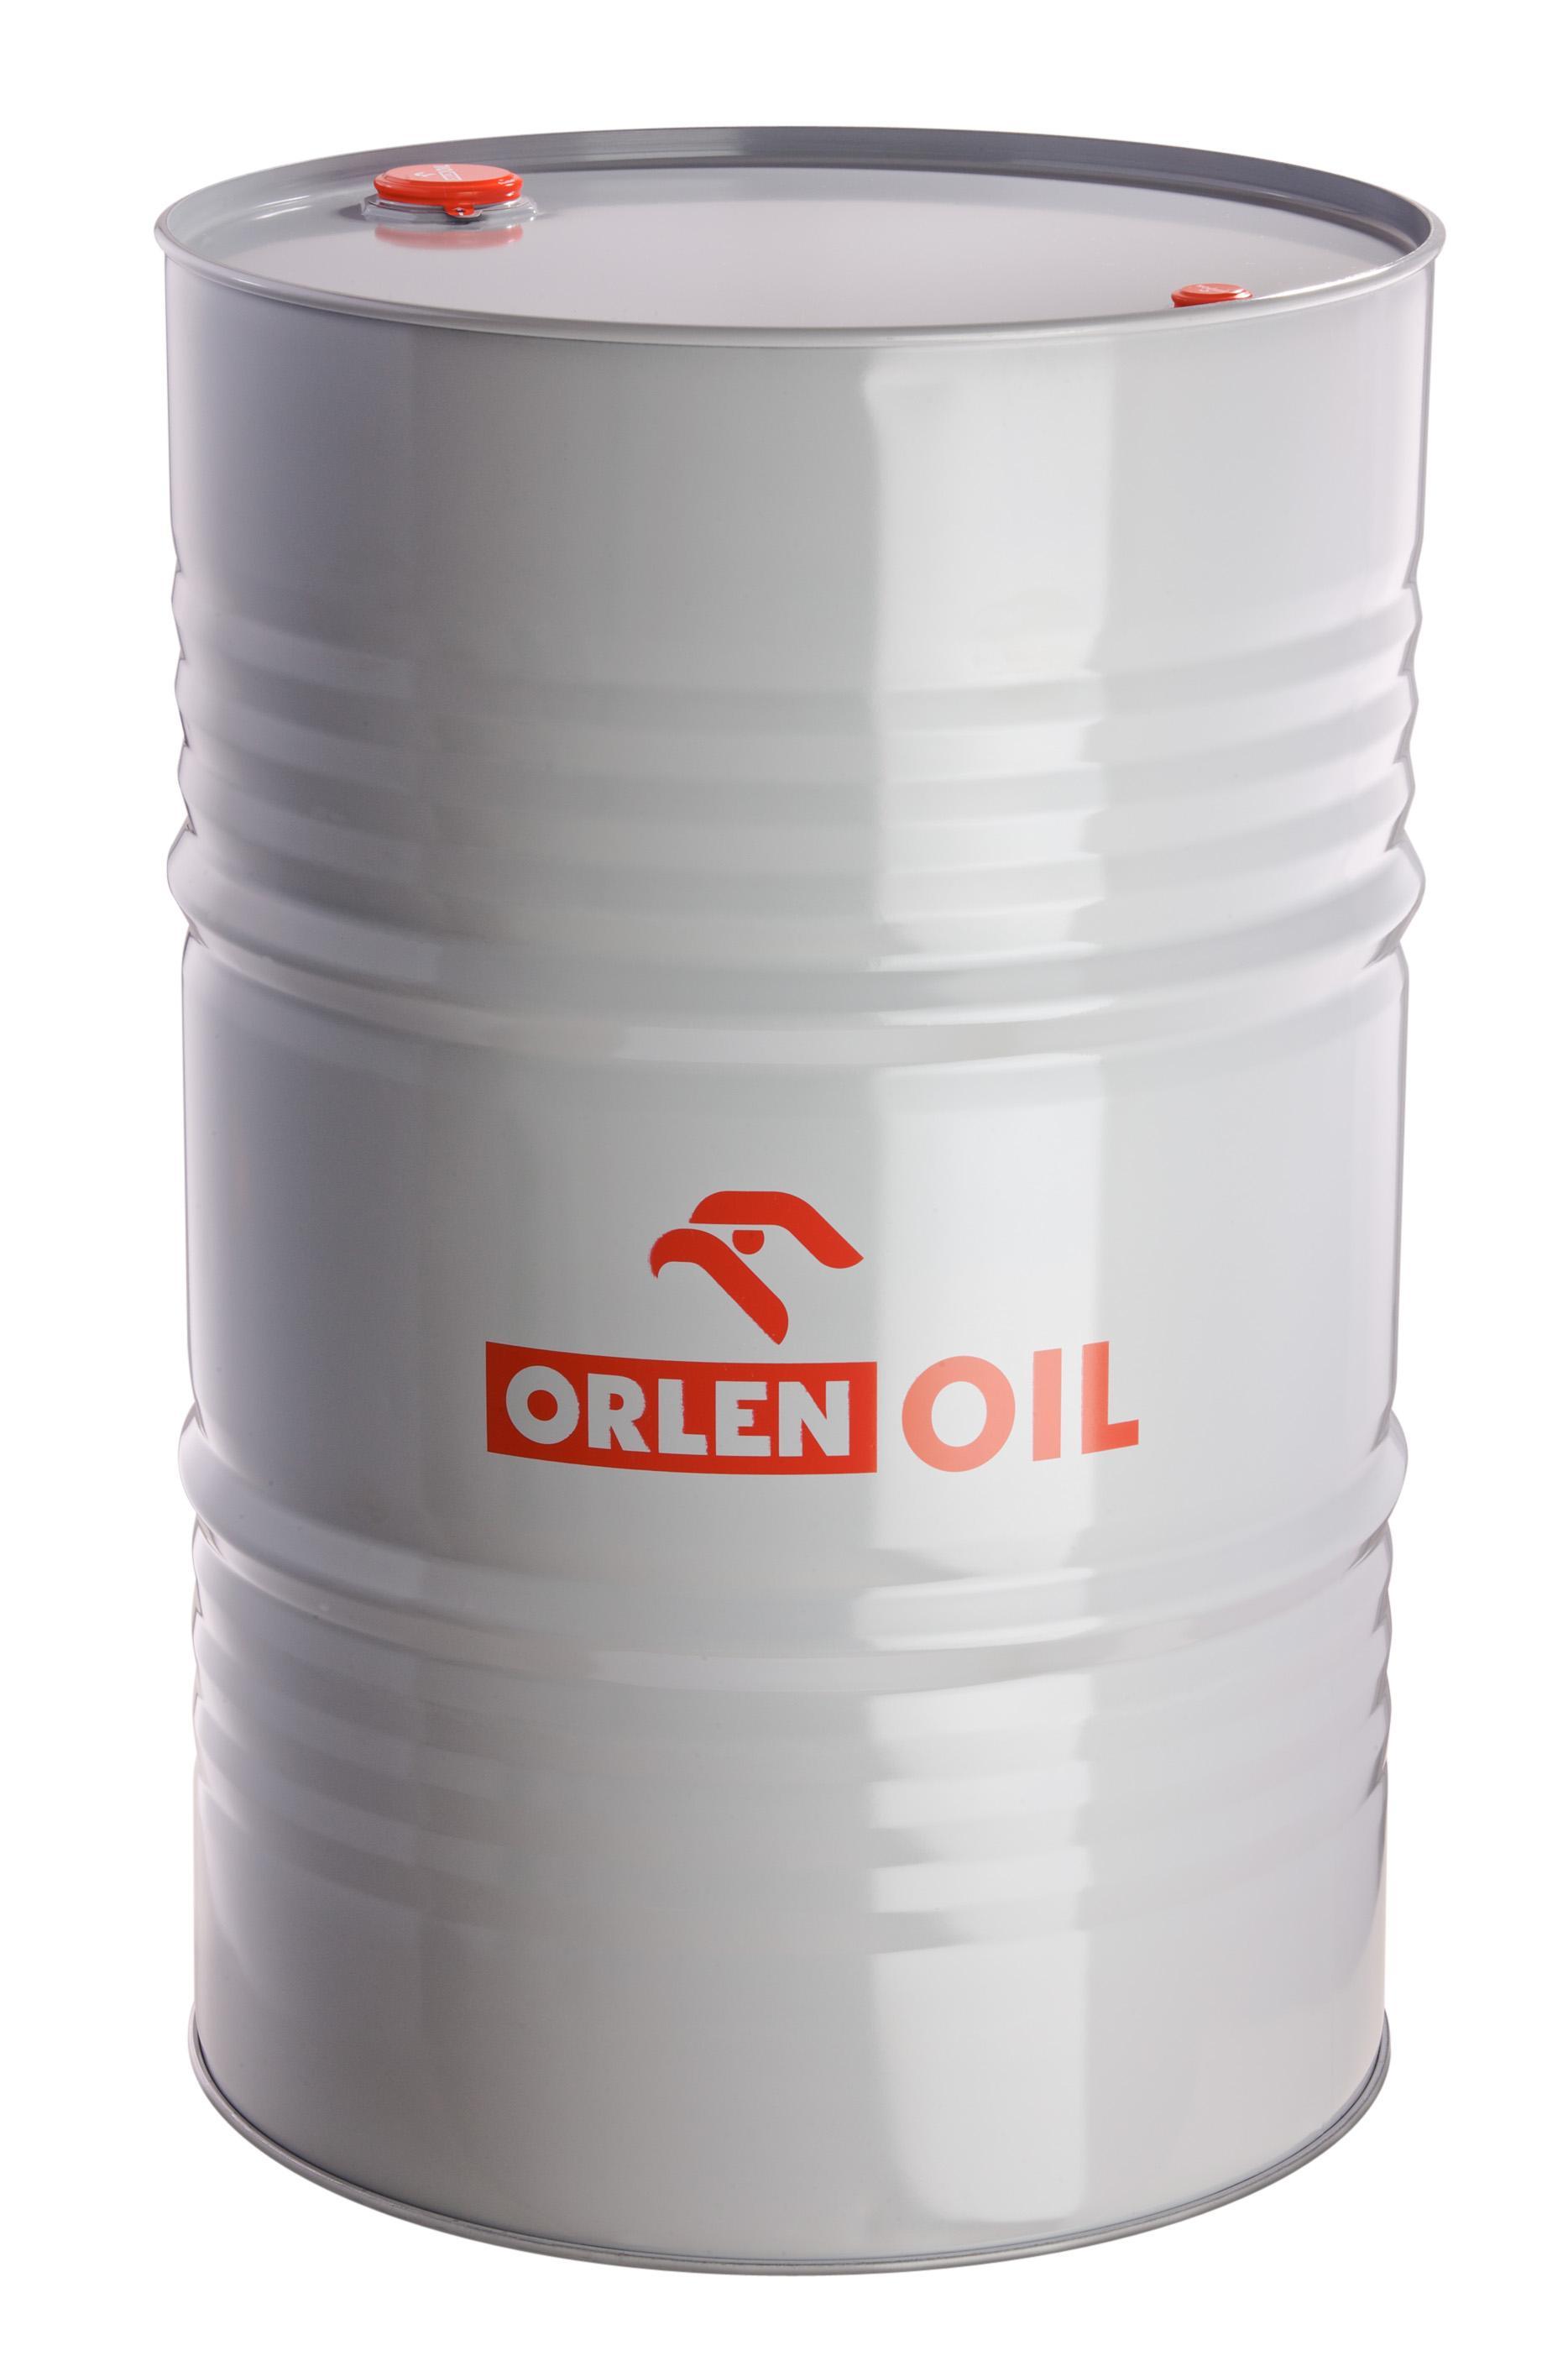 ORLEN OIL LITEN ŁT-42     DRUMS 180KG **